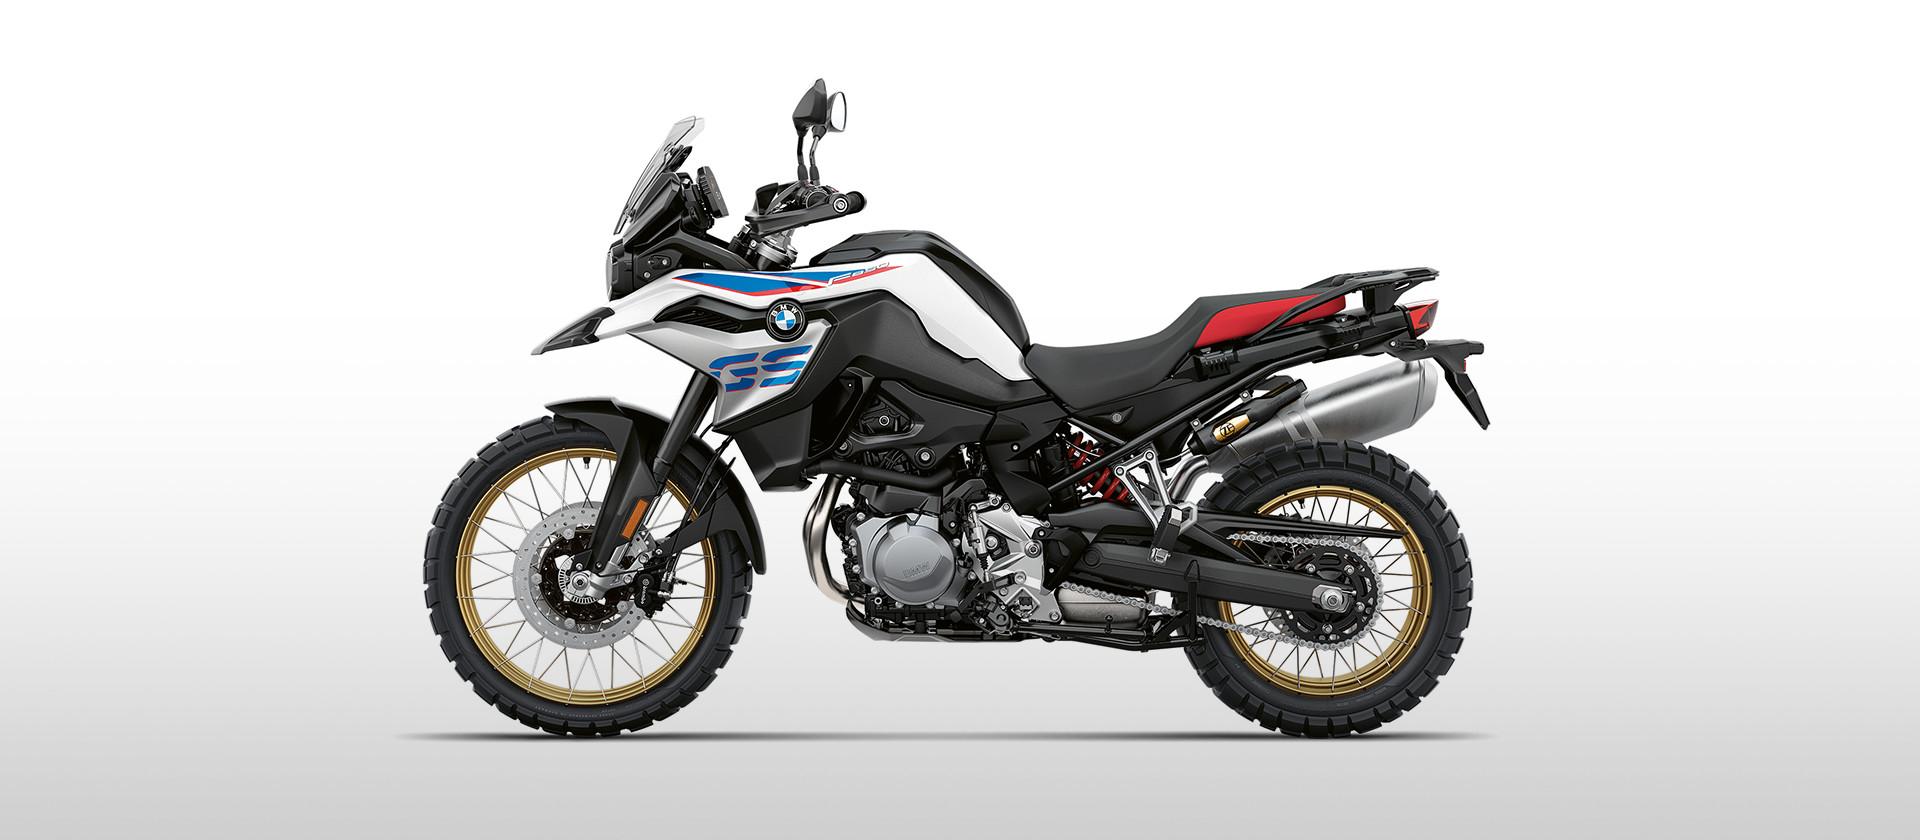 Imagem da Nova BMW F 850 2021 na cor prata